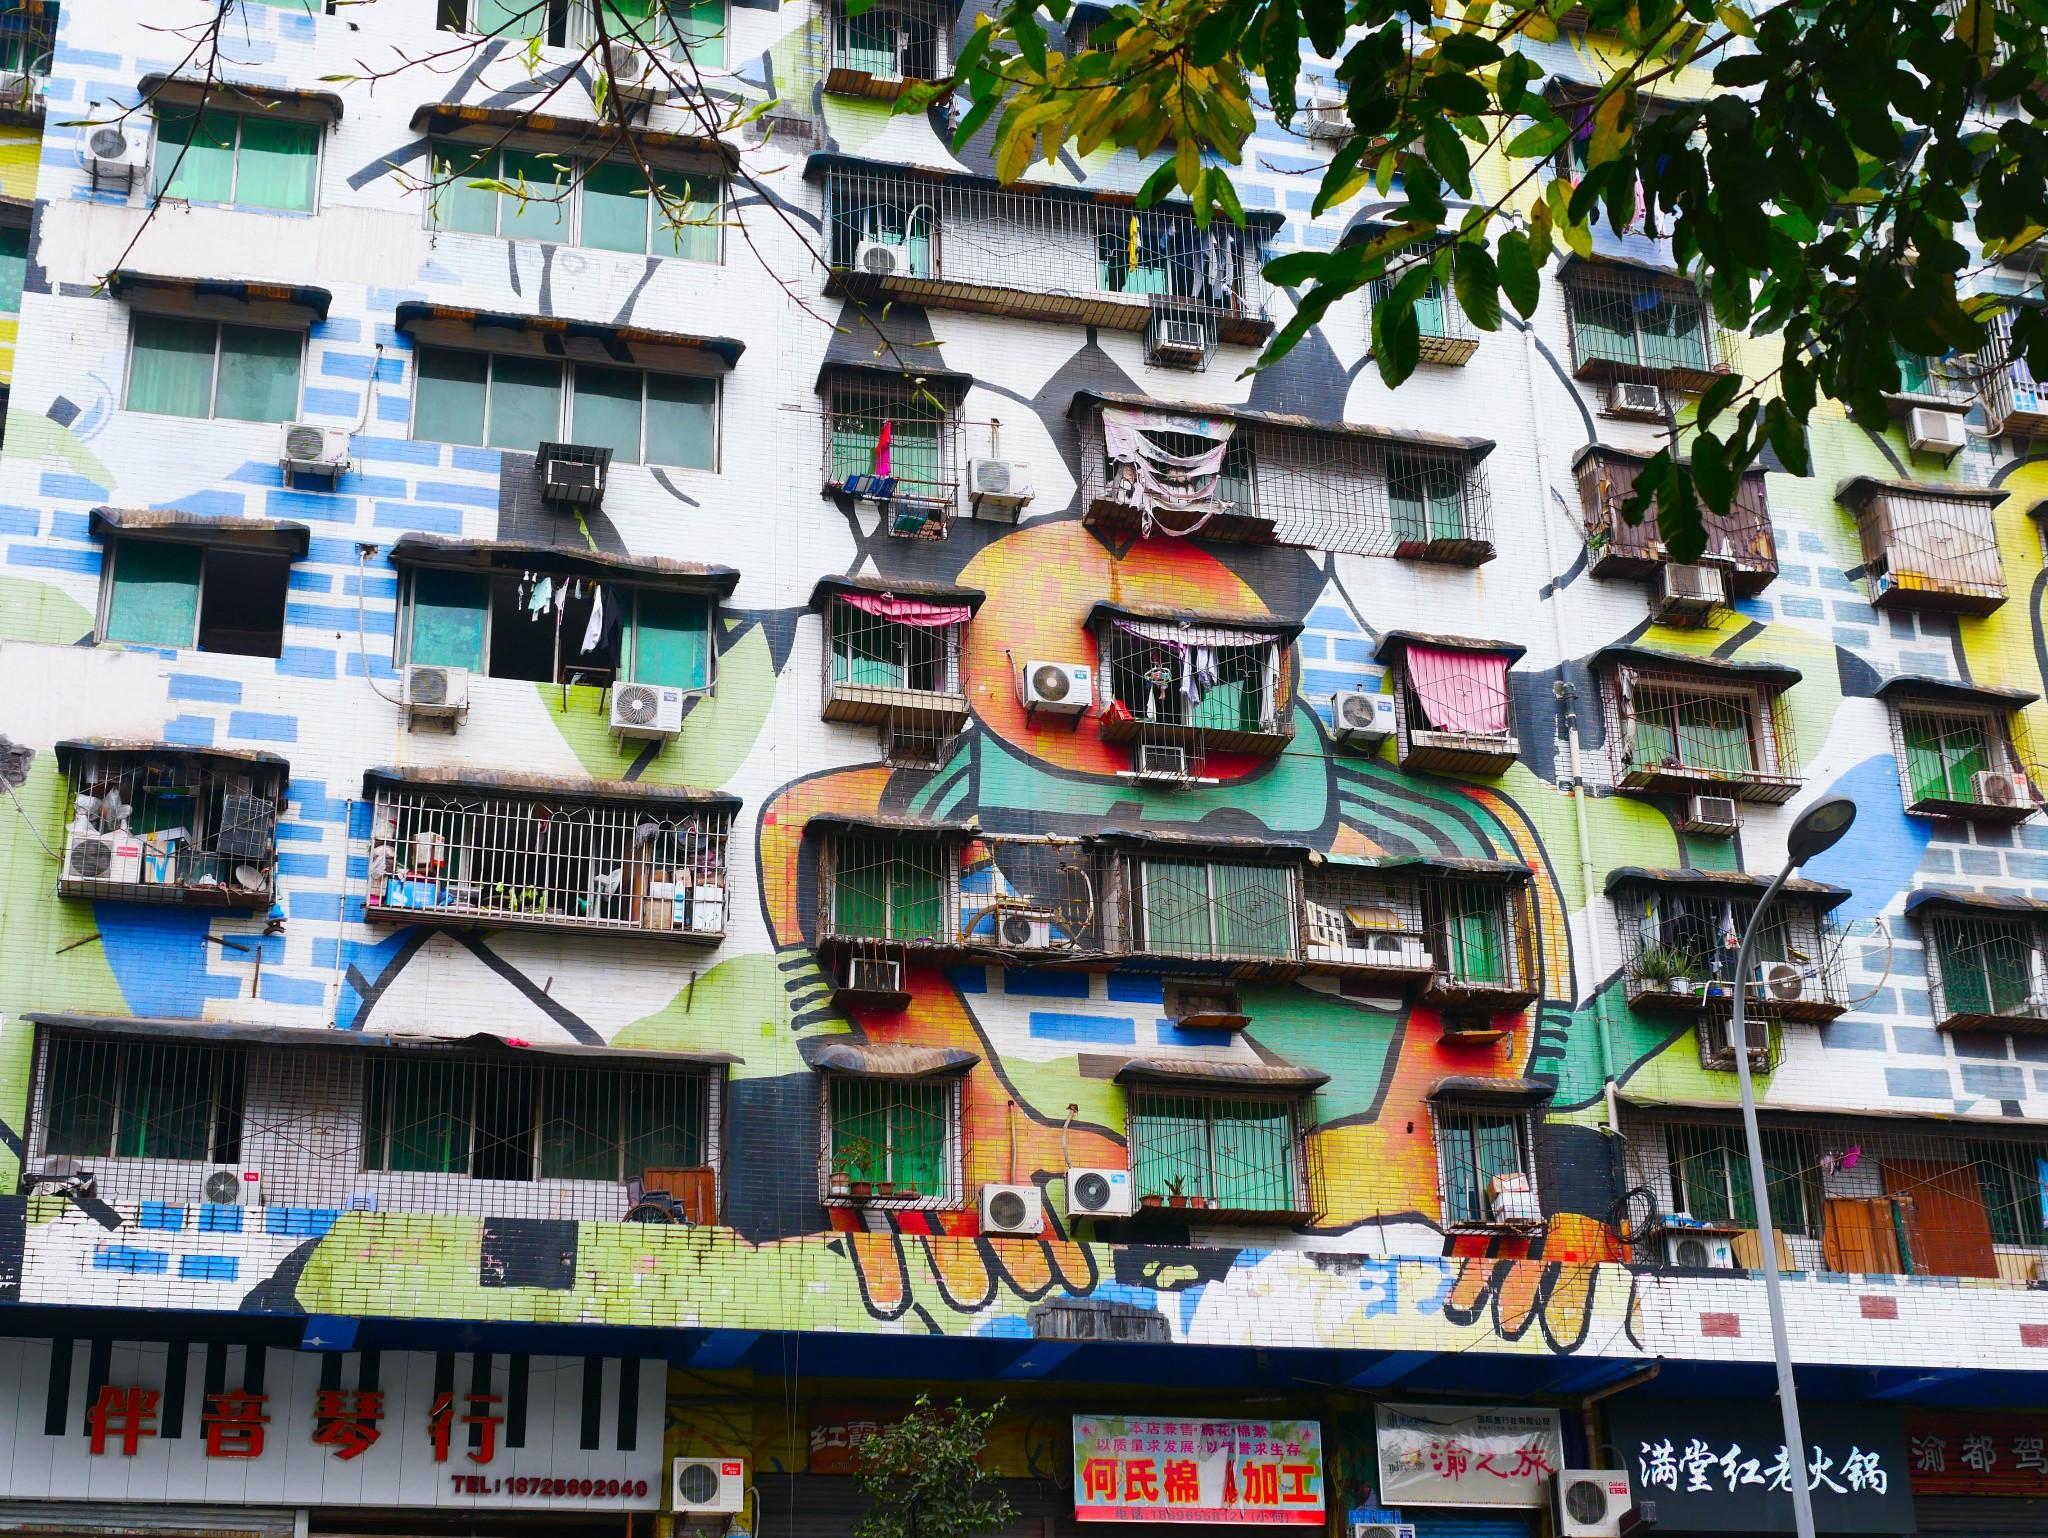 Chongqing Sichuan Academy of Arts HuangJiaoPing Campus